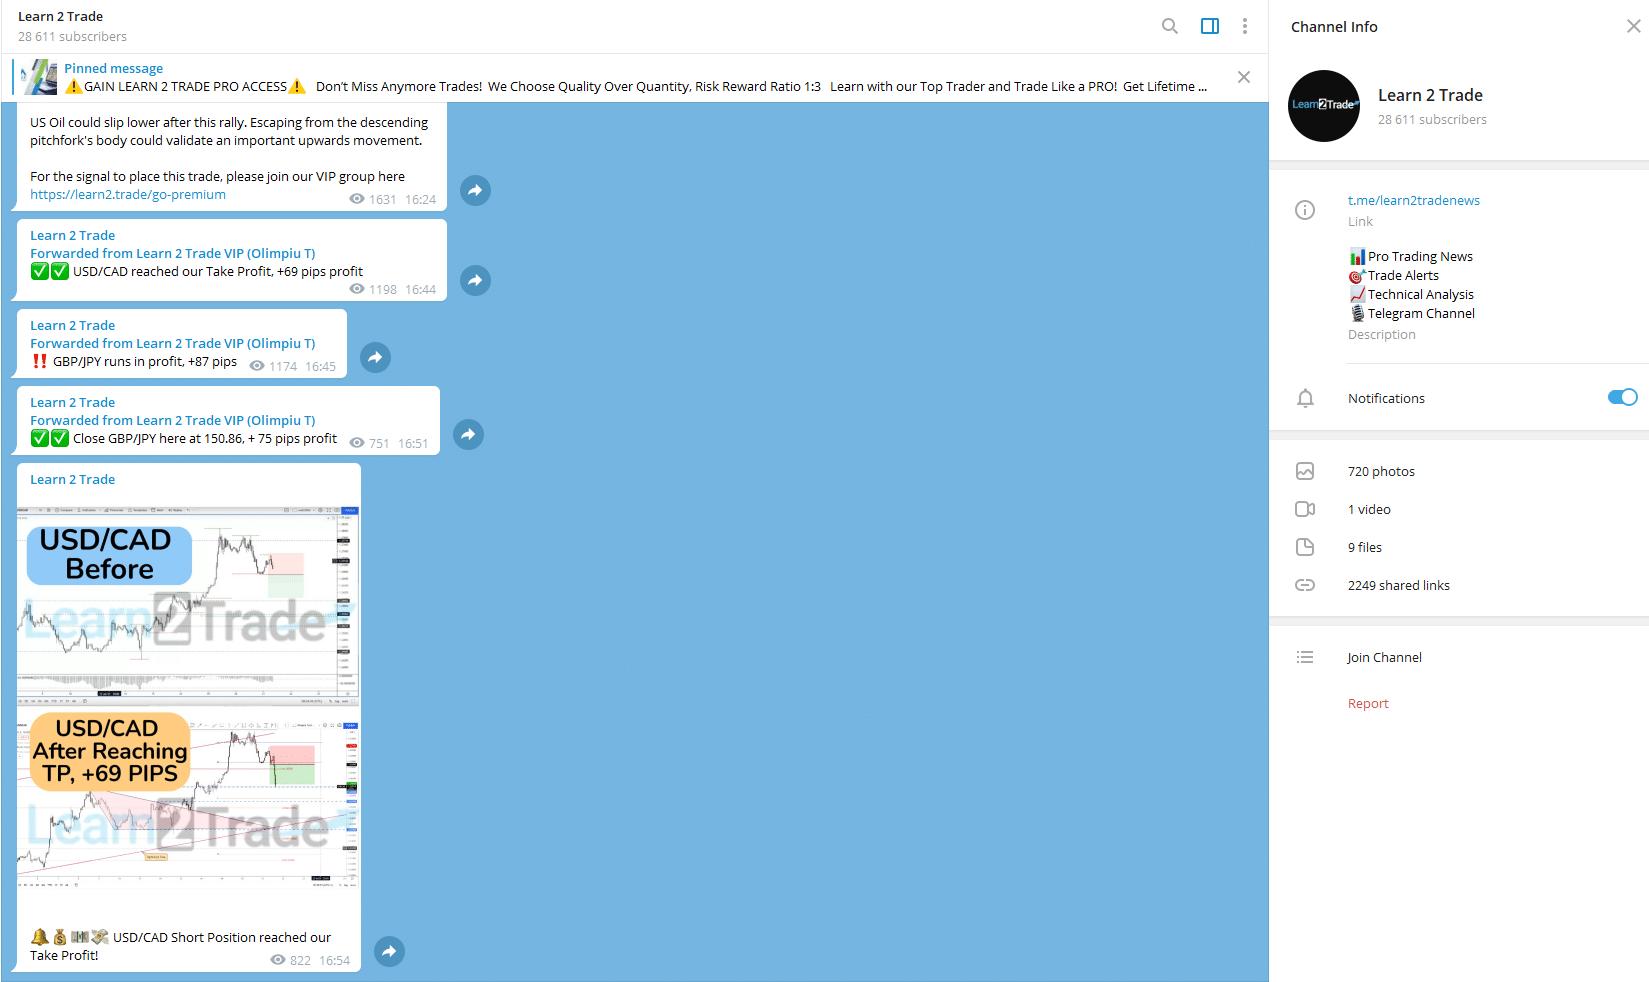 توصيات الفوركس عبر Telegram